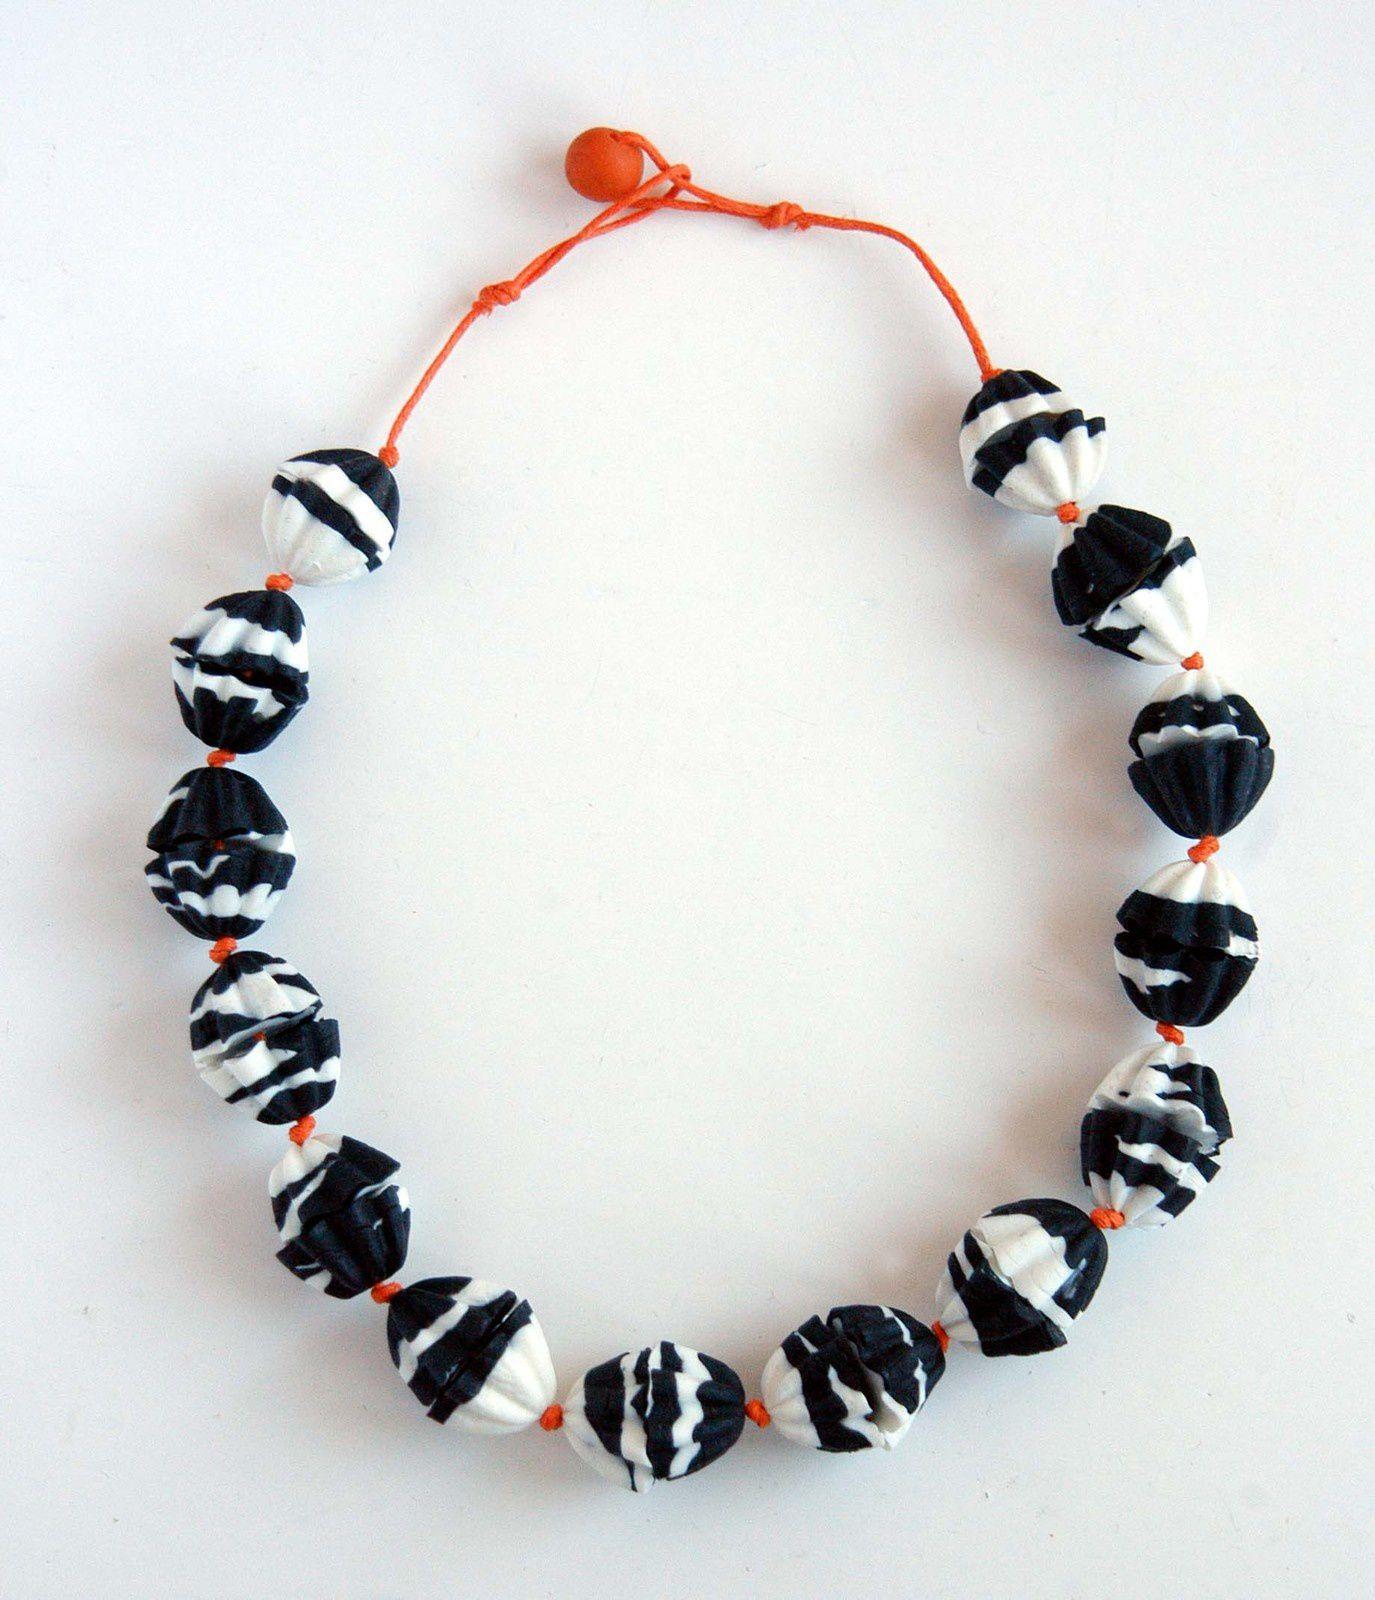 Ein Unikat: Zebra-Collier aus Kaltporzellan.